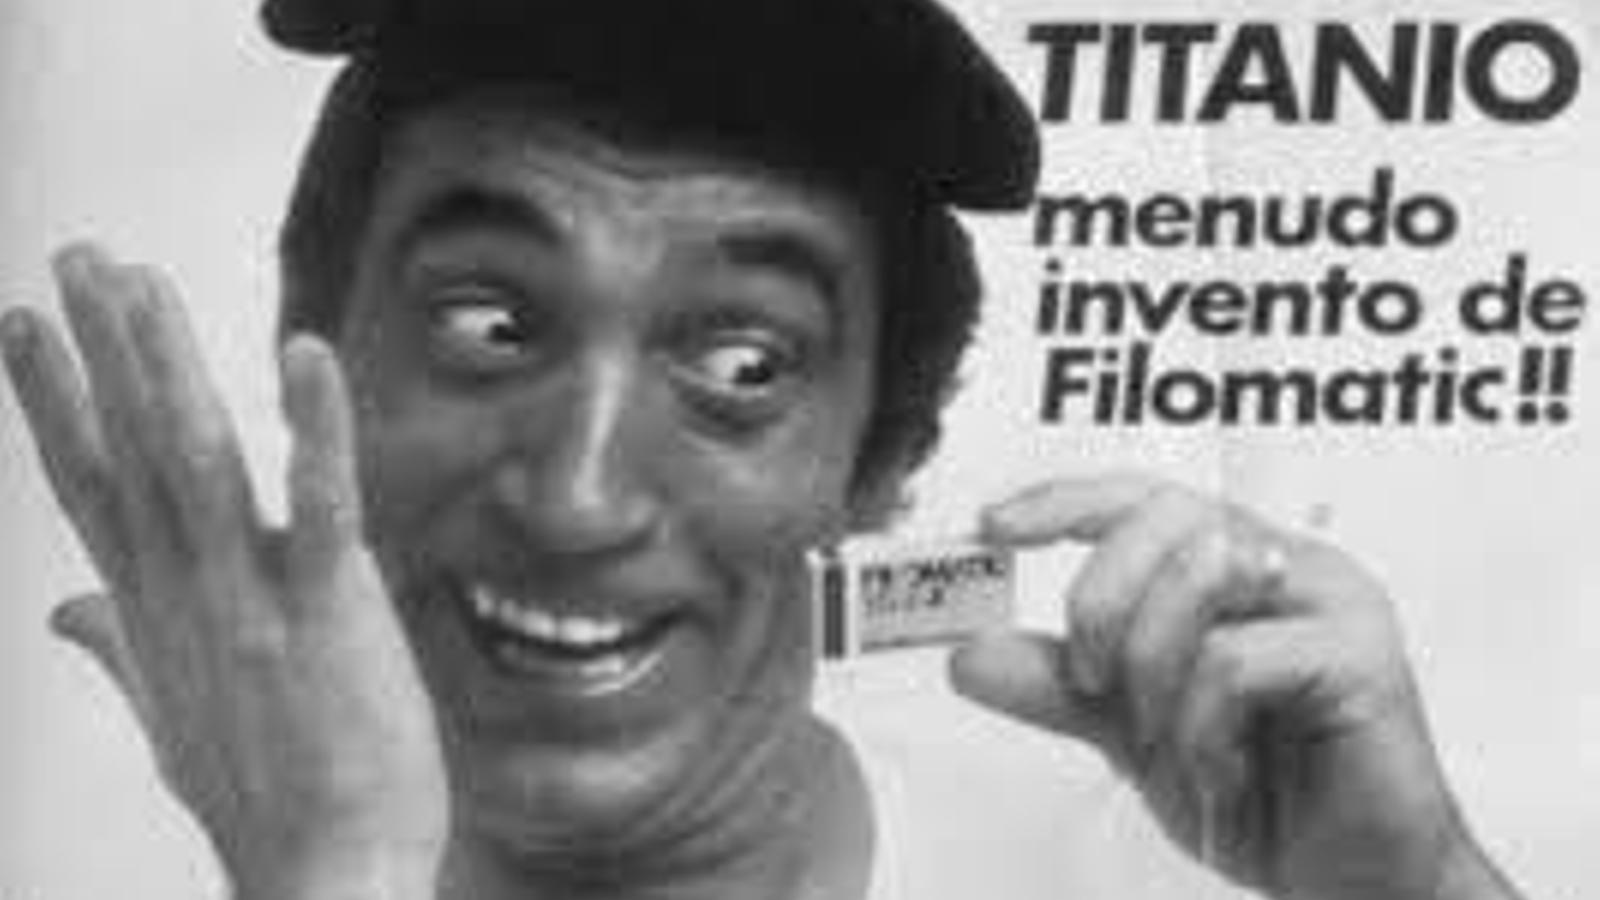 L'humorista Miguel Gila durant un anunci de Filomatic.